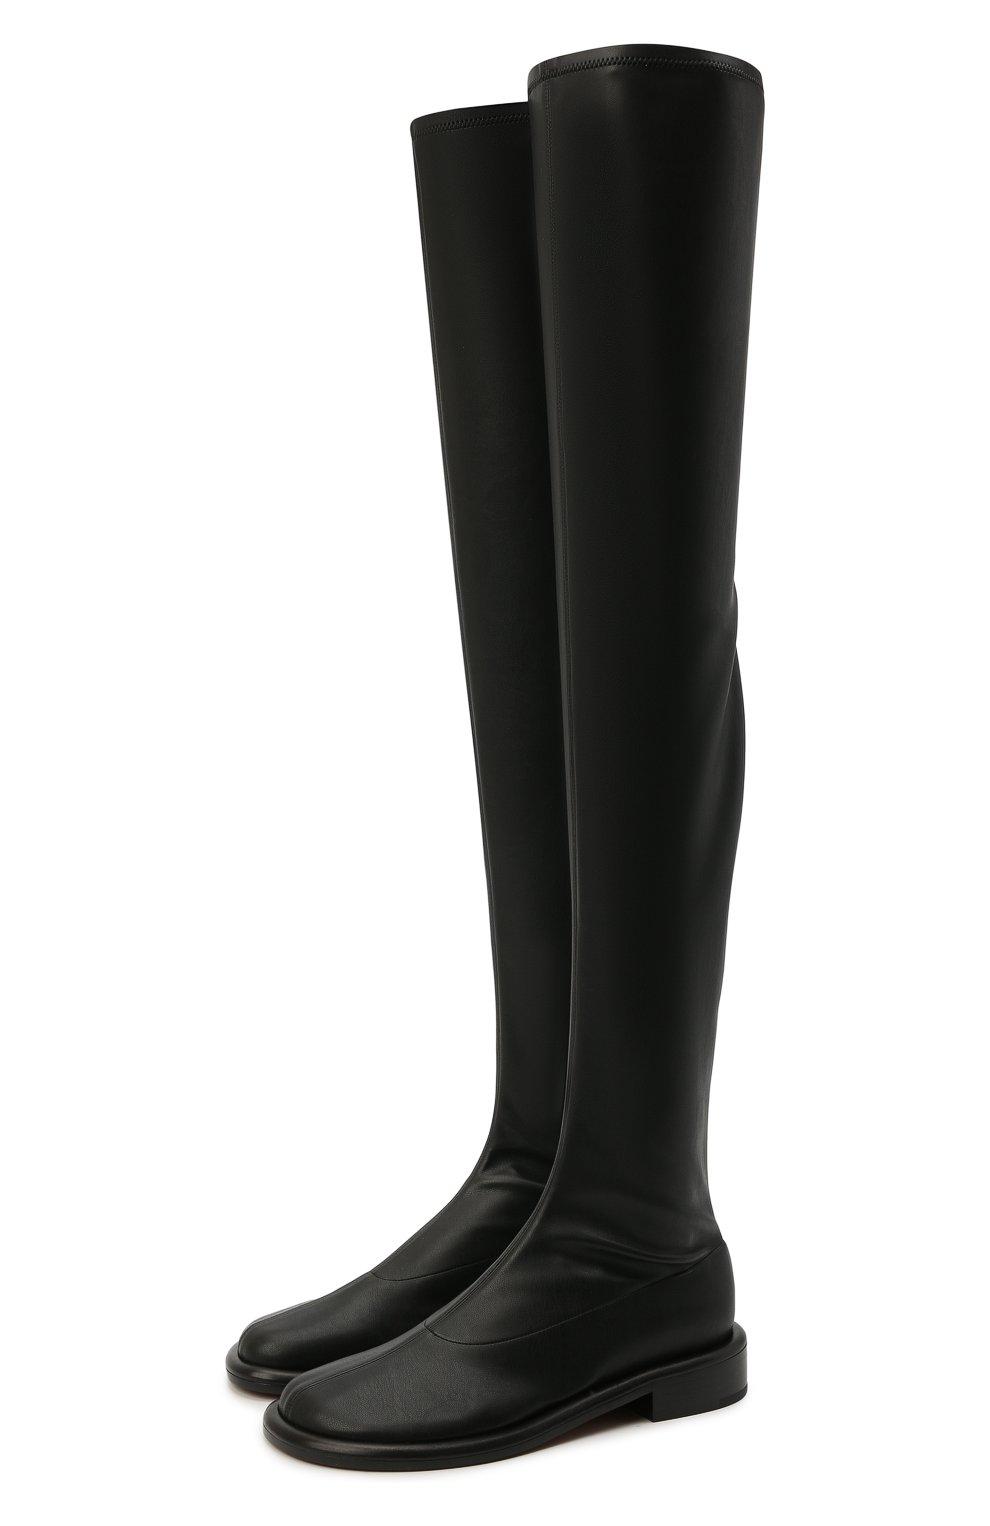 Женские комбинированные ботфорты PROENZA SCHOULER черного цвета, арт. PS36004B/13050 | Фото 1 (Материал внешний: Экокожа, Текстиль; Каблук высота: Низкий; Высота голенища: Высокие; Материал внутренний: Натуральная кожа; Каблук тип: Устойчивый; Подошва: Плоская)